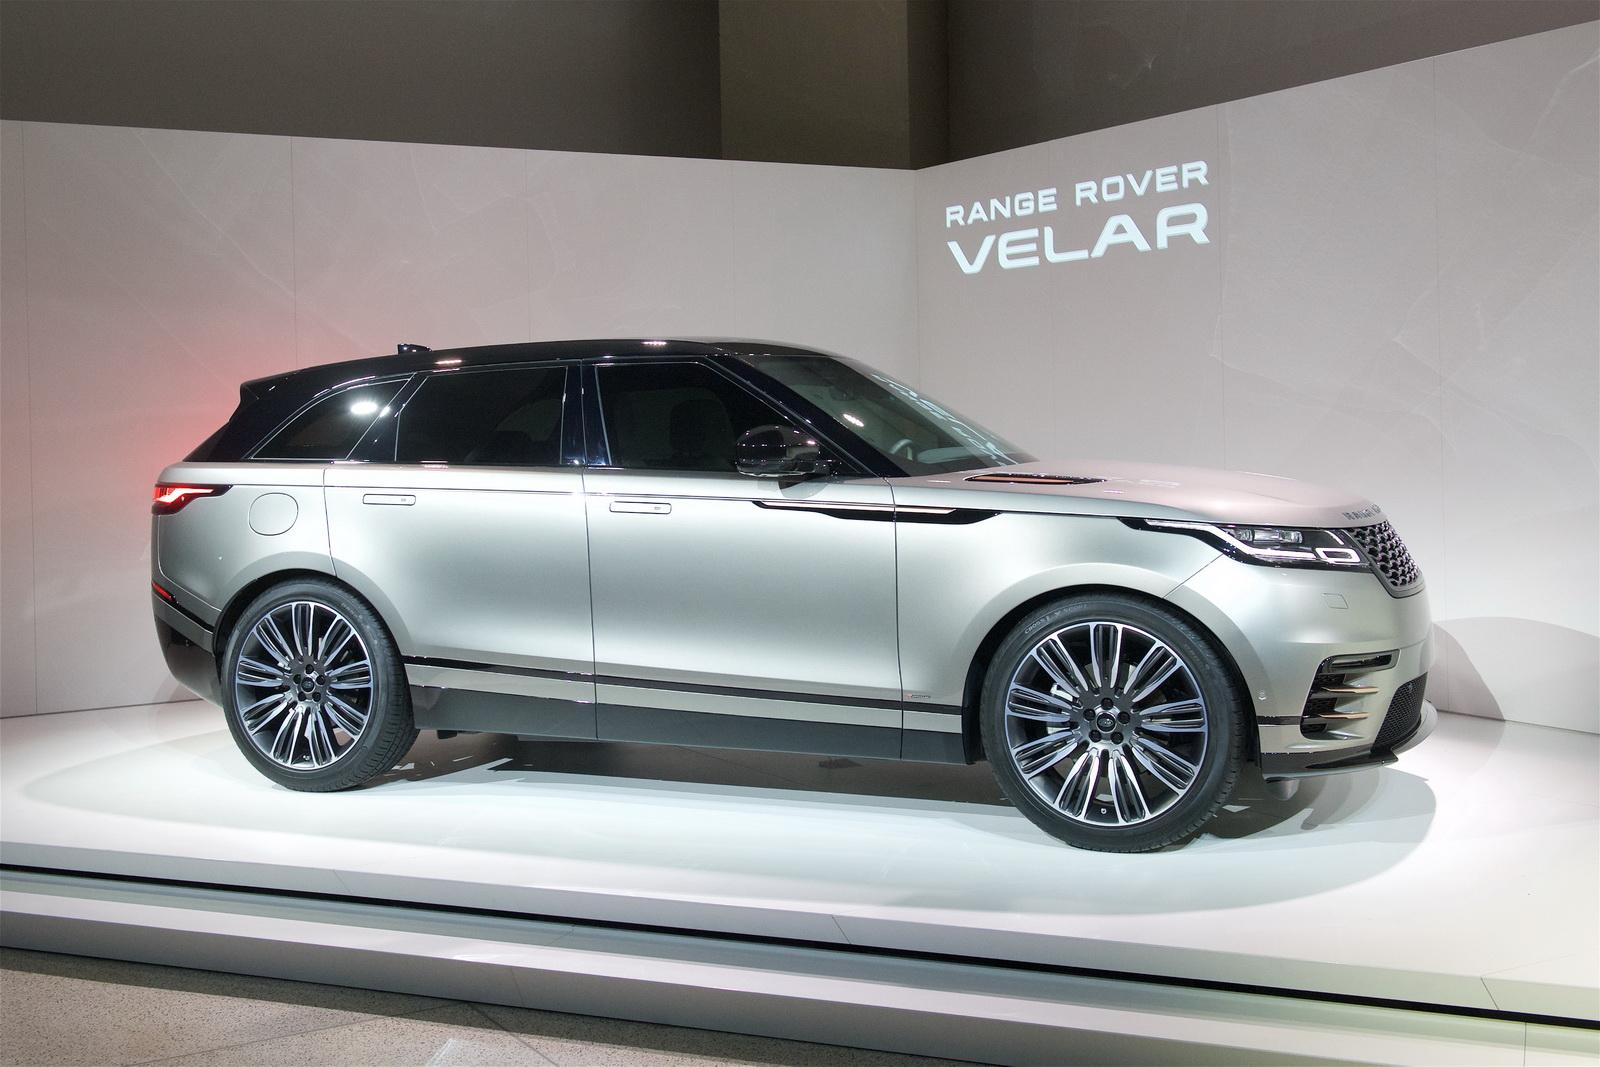 Range Rover Velar in Geneva 2017 (5)